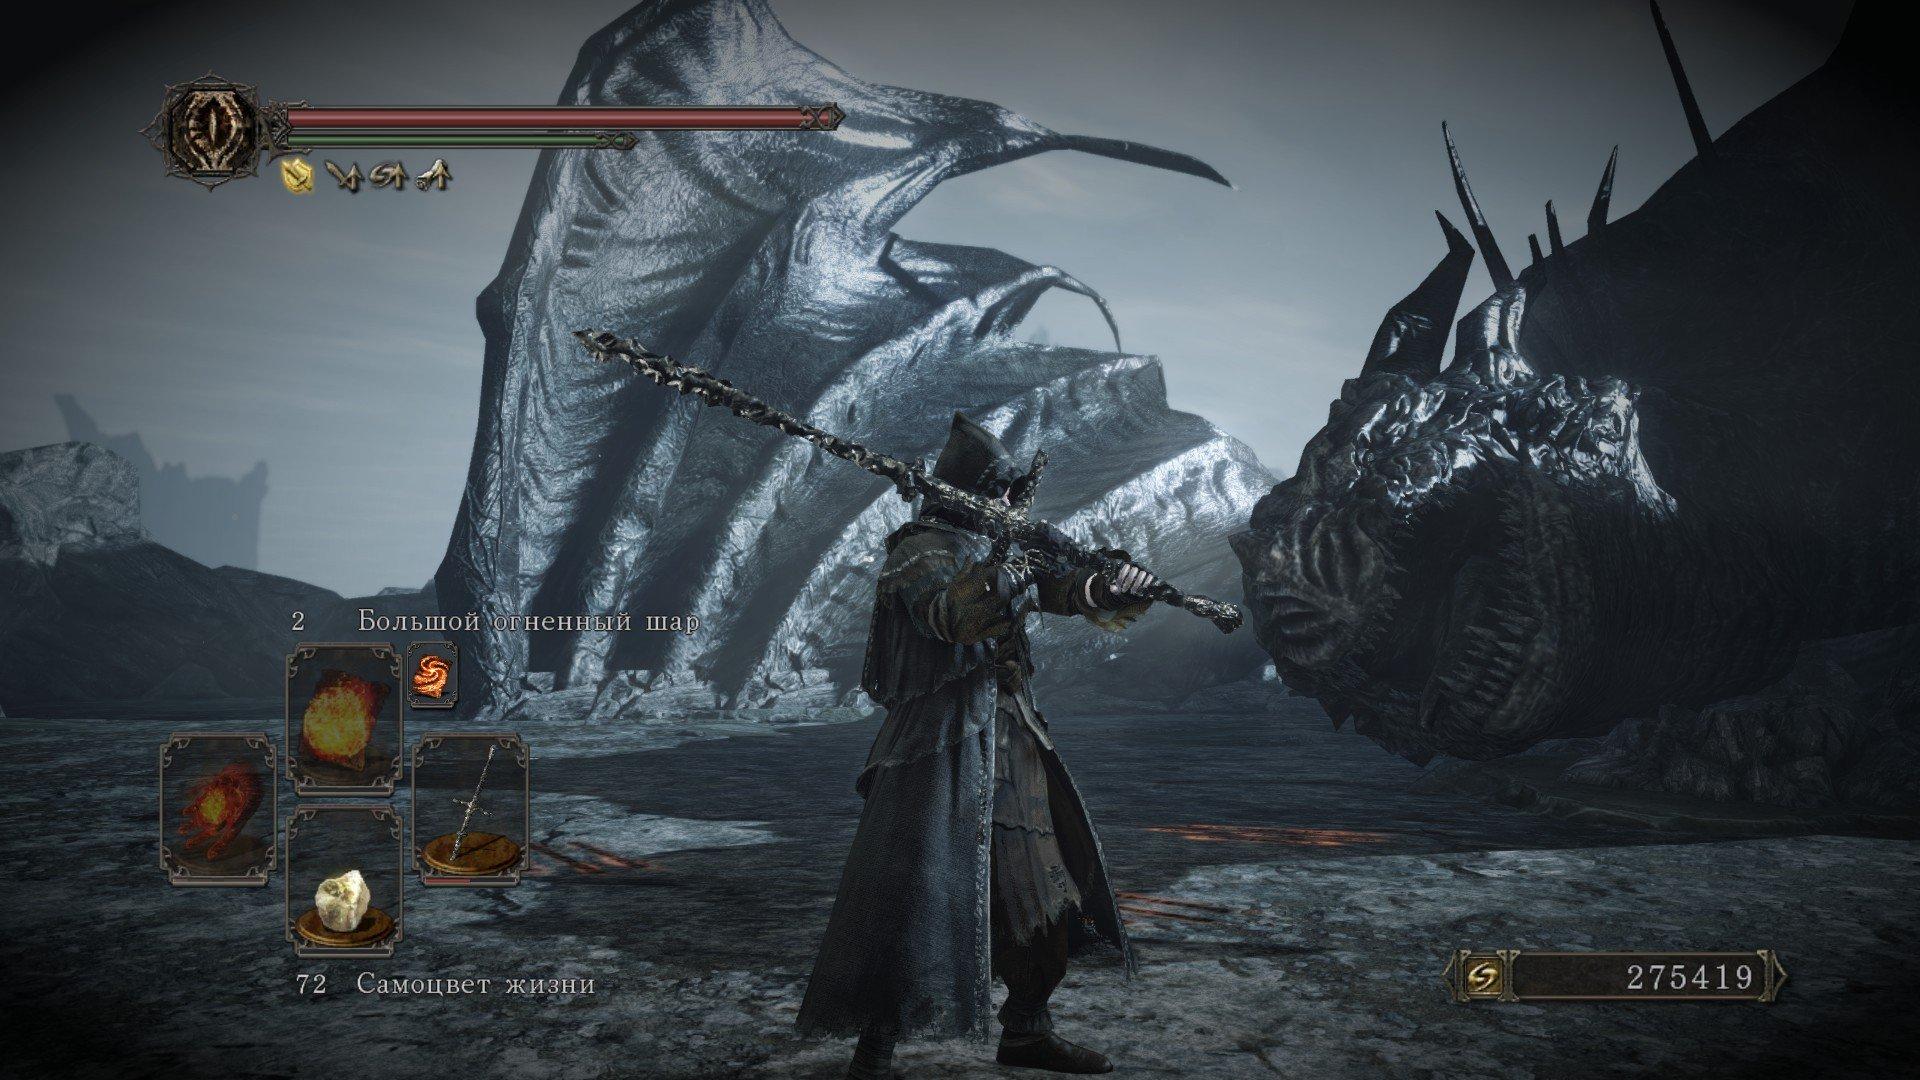 Вопль-прохождение Dark Souls 2 ... получилось много скриншотов -_- - Изображение 22